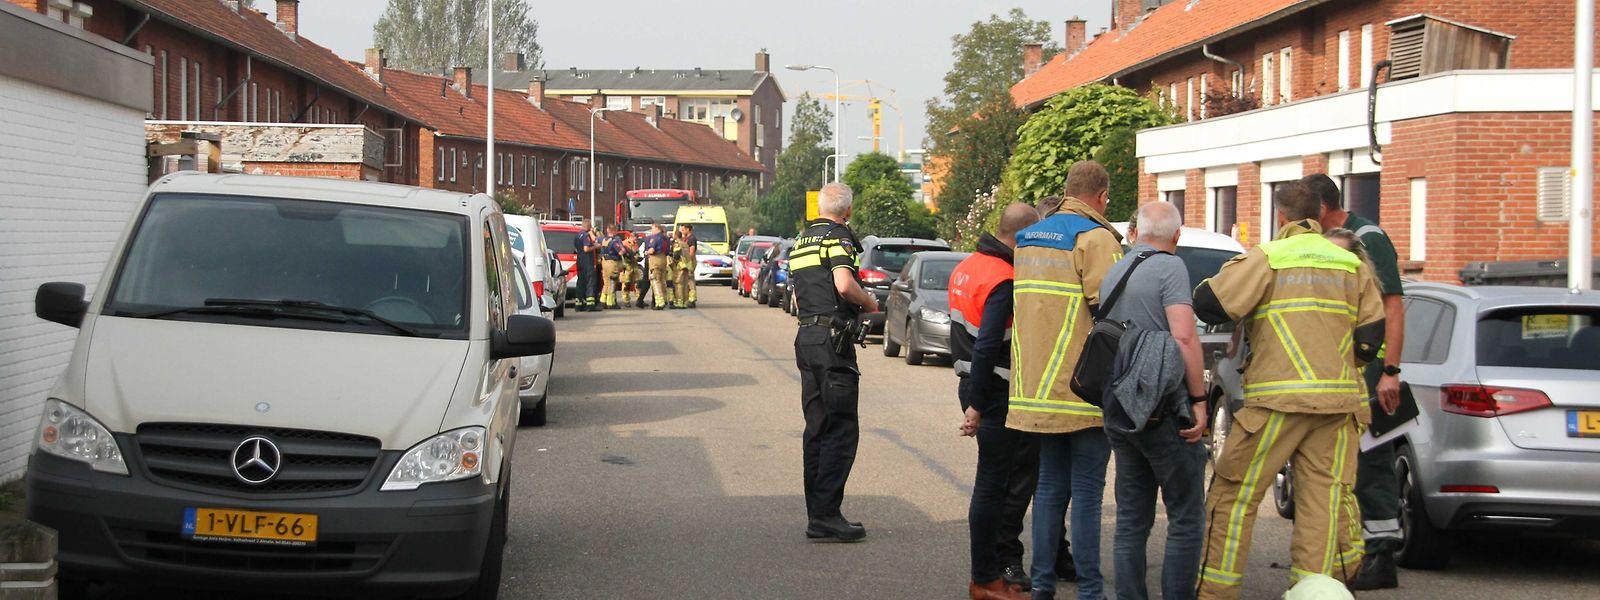 Polizisten in der Nähe des Tatorts in Almelo.